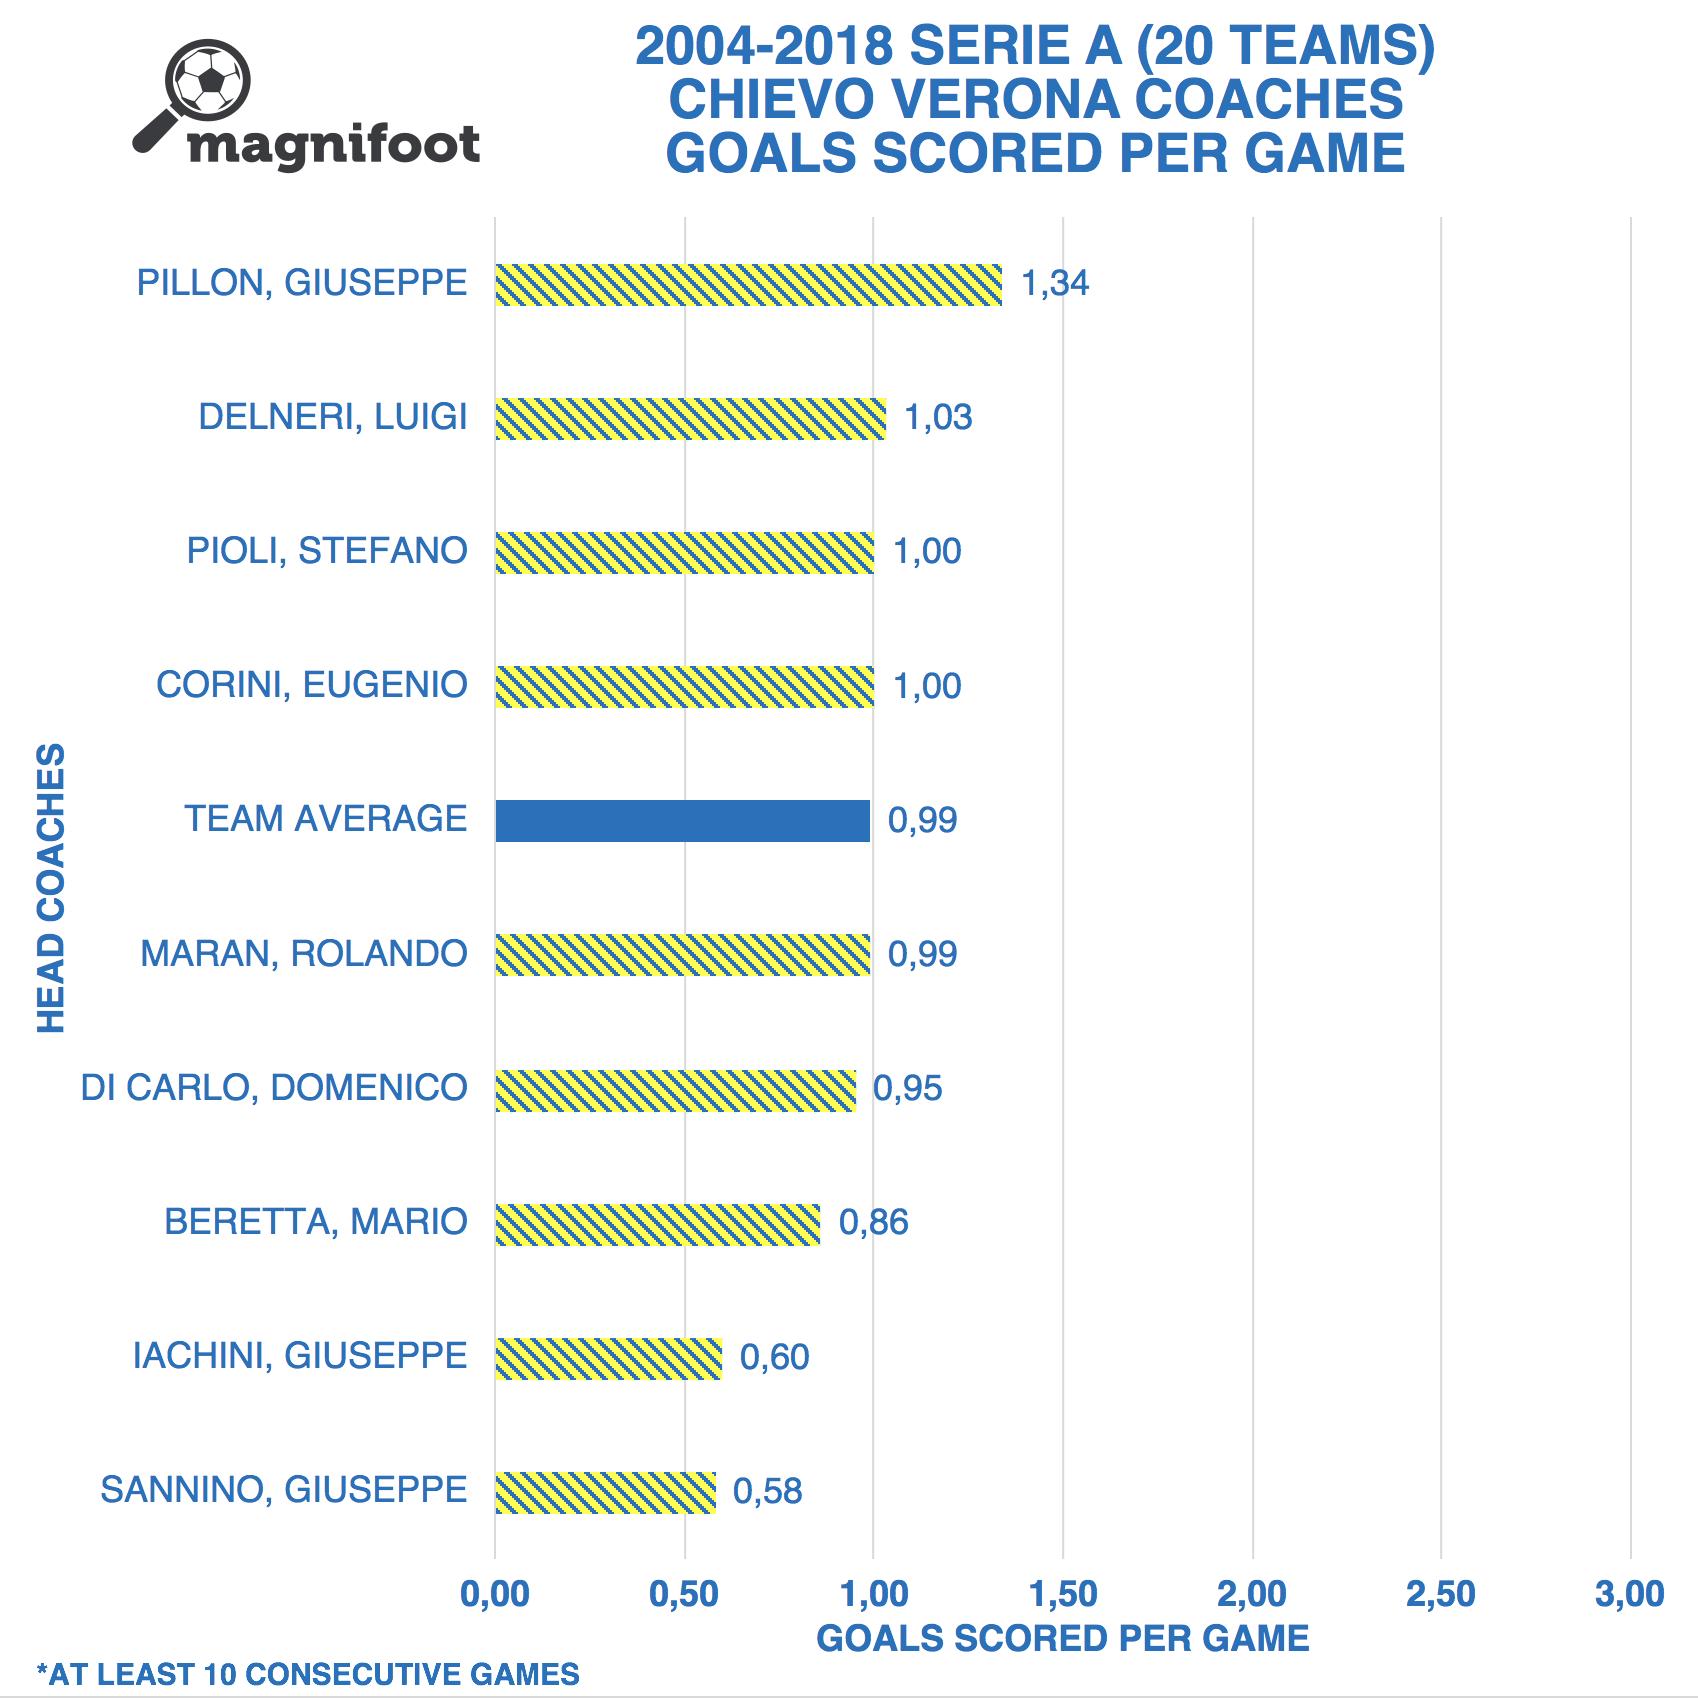 2004-2018 SERIE A  CHIEVO VERONA HEAD COACHES: GOALS SCORED PER GAME